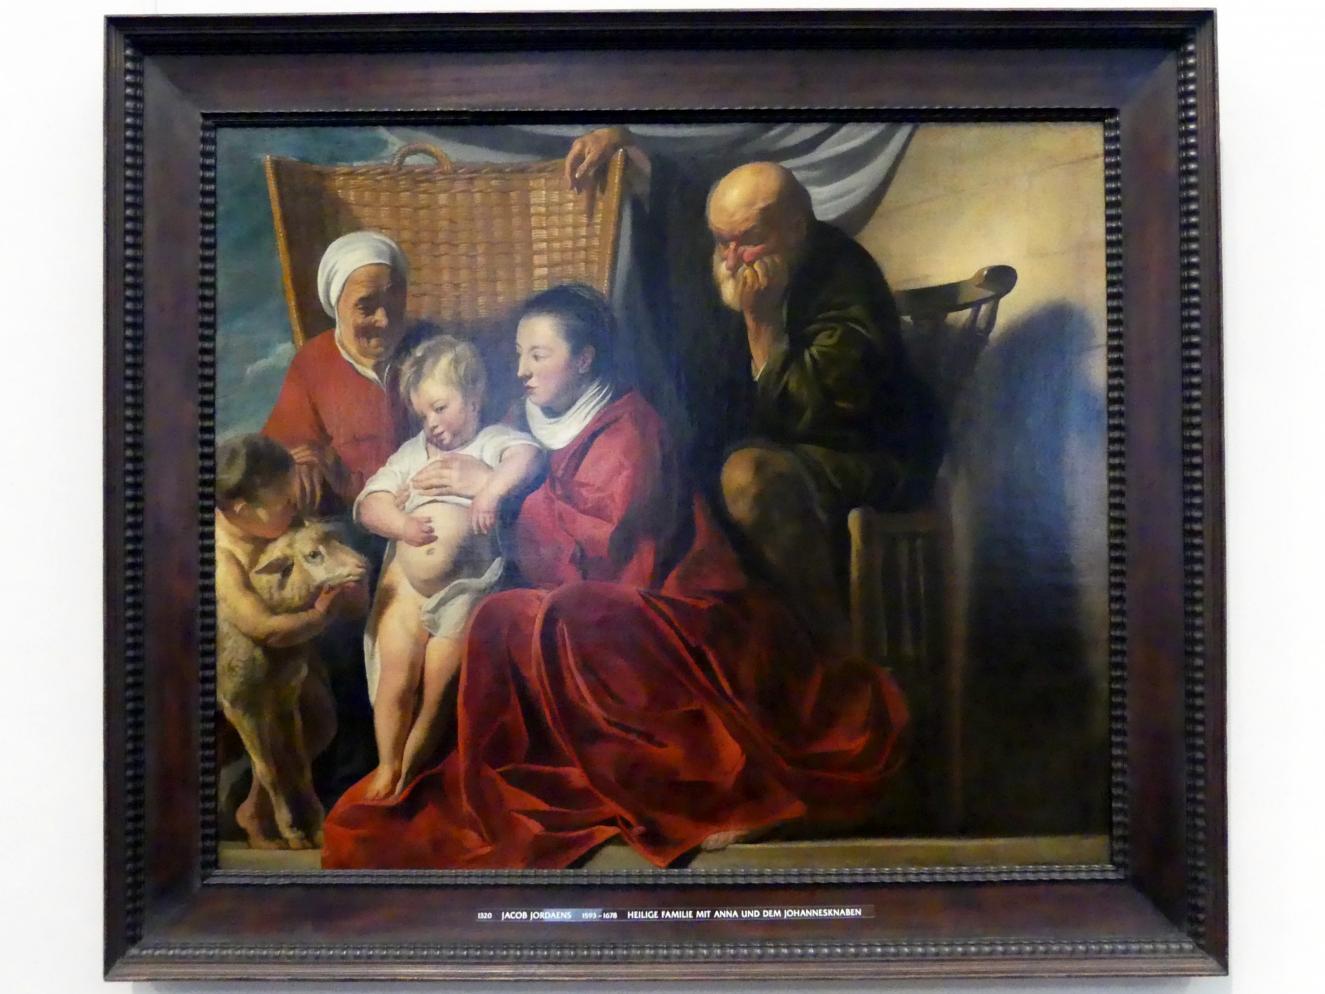 Jacob Jordaens: Heilige Familie mit Anna und dem Johannesknaben, um 1620 - 1625